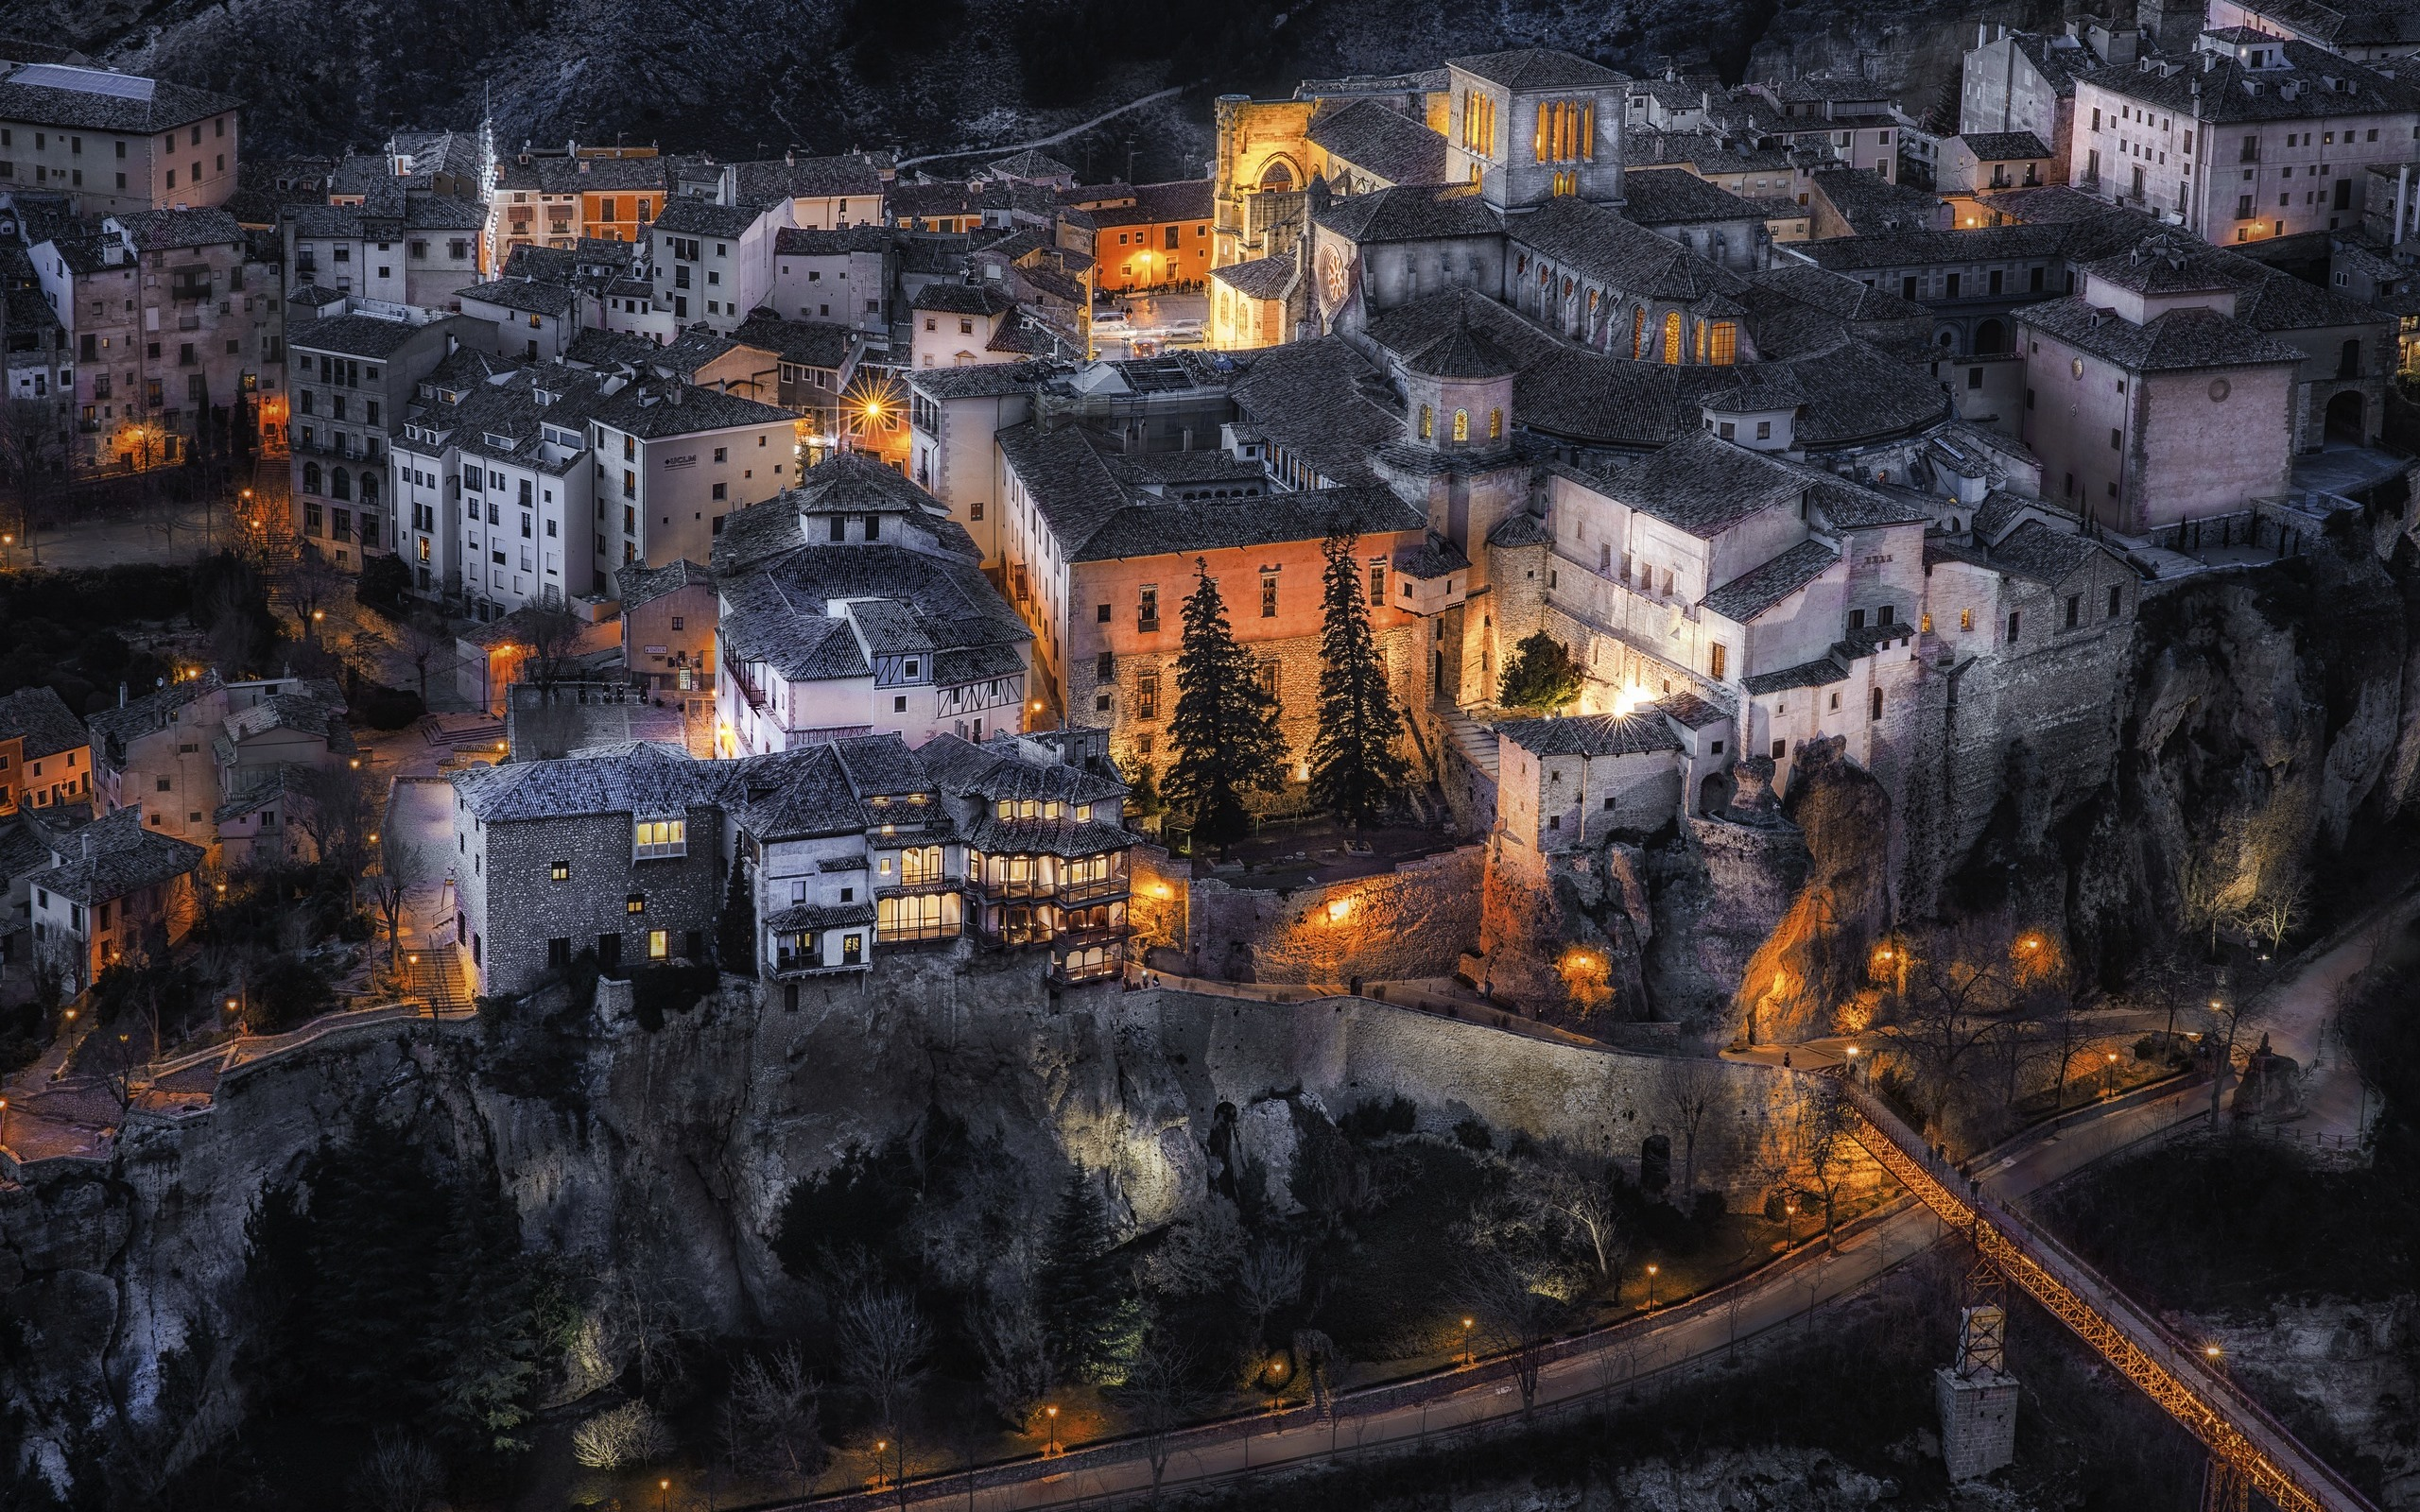 壁紙 スペイン カスティーリャラマンチャ 市 夜 住宅 ライト